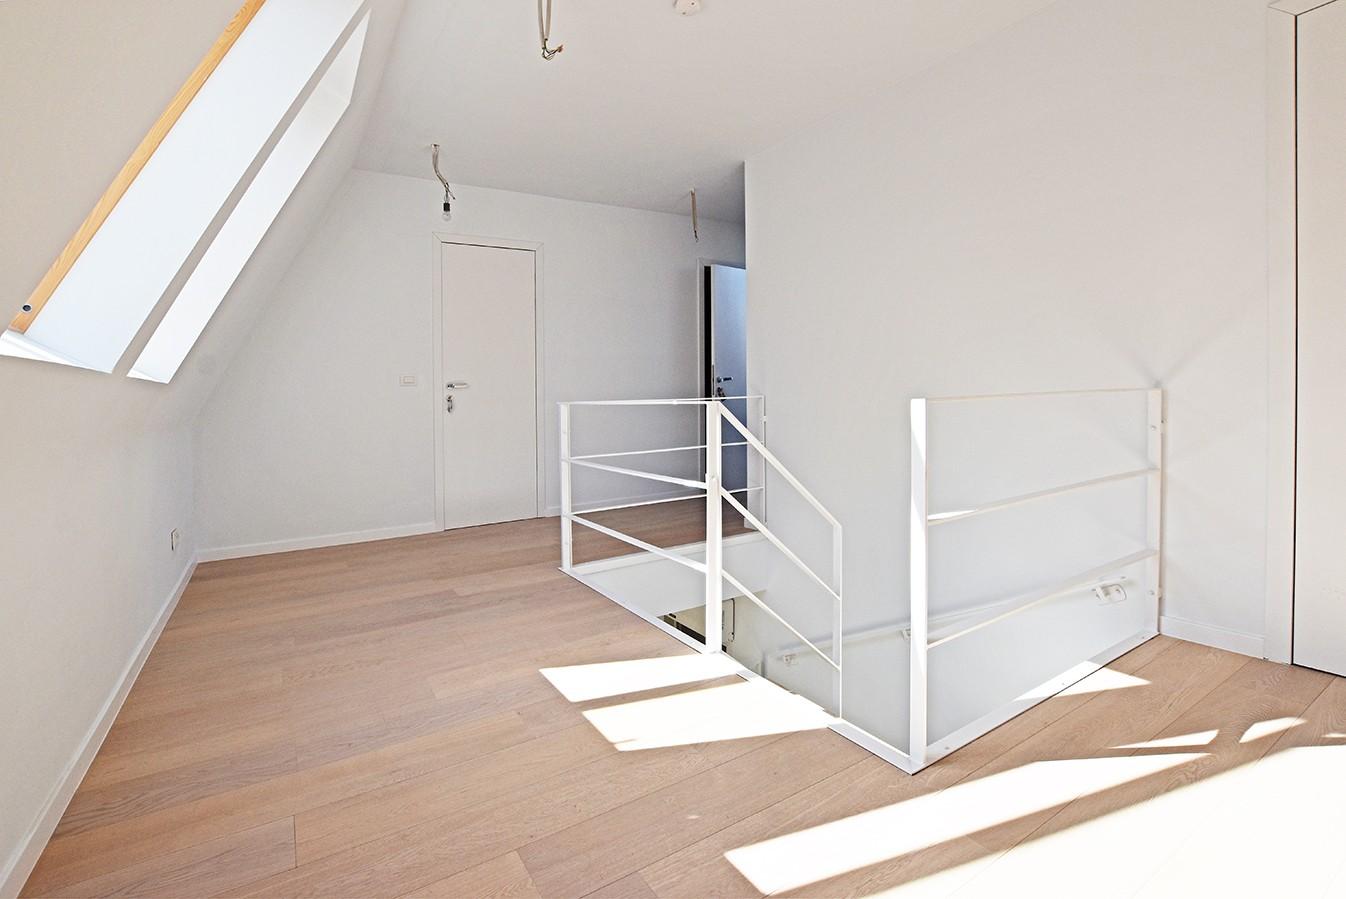 Nieuw en stijlvol duplex-appartement met luxueuze afwerking en riant dakterras (40 m²) te Antwerpen! afbeelding 8